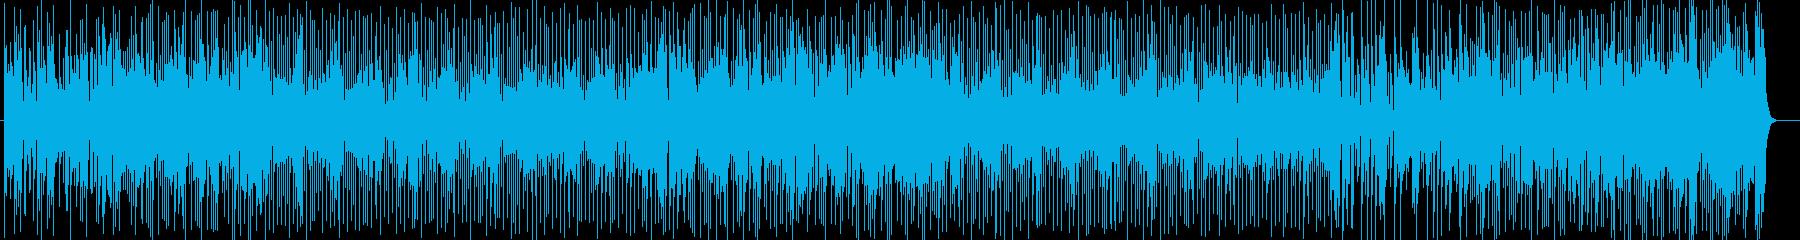 明るくはじけるようなシンセサウンドの再生済みの波形